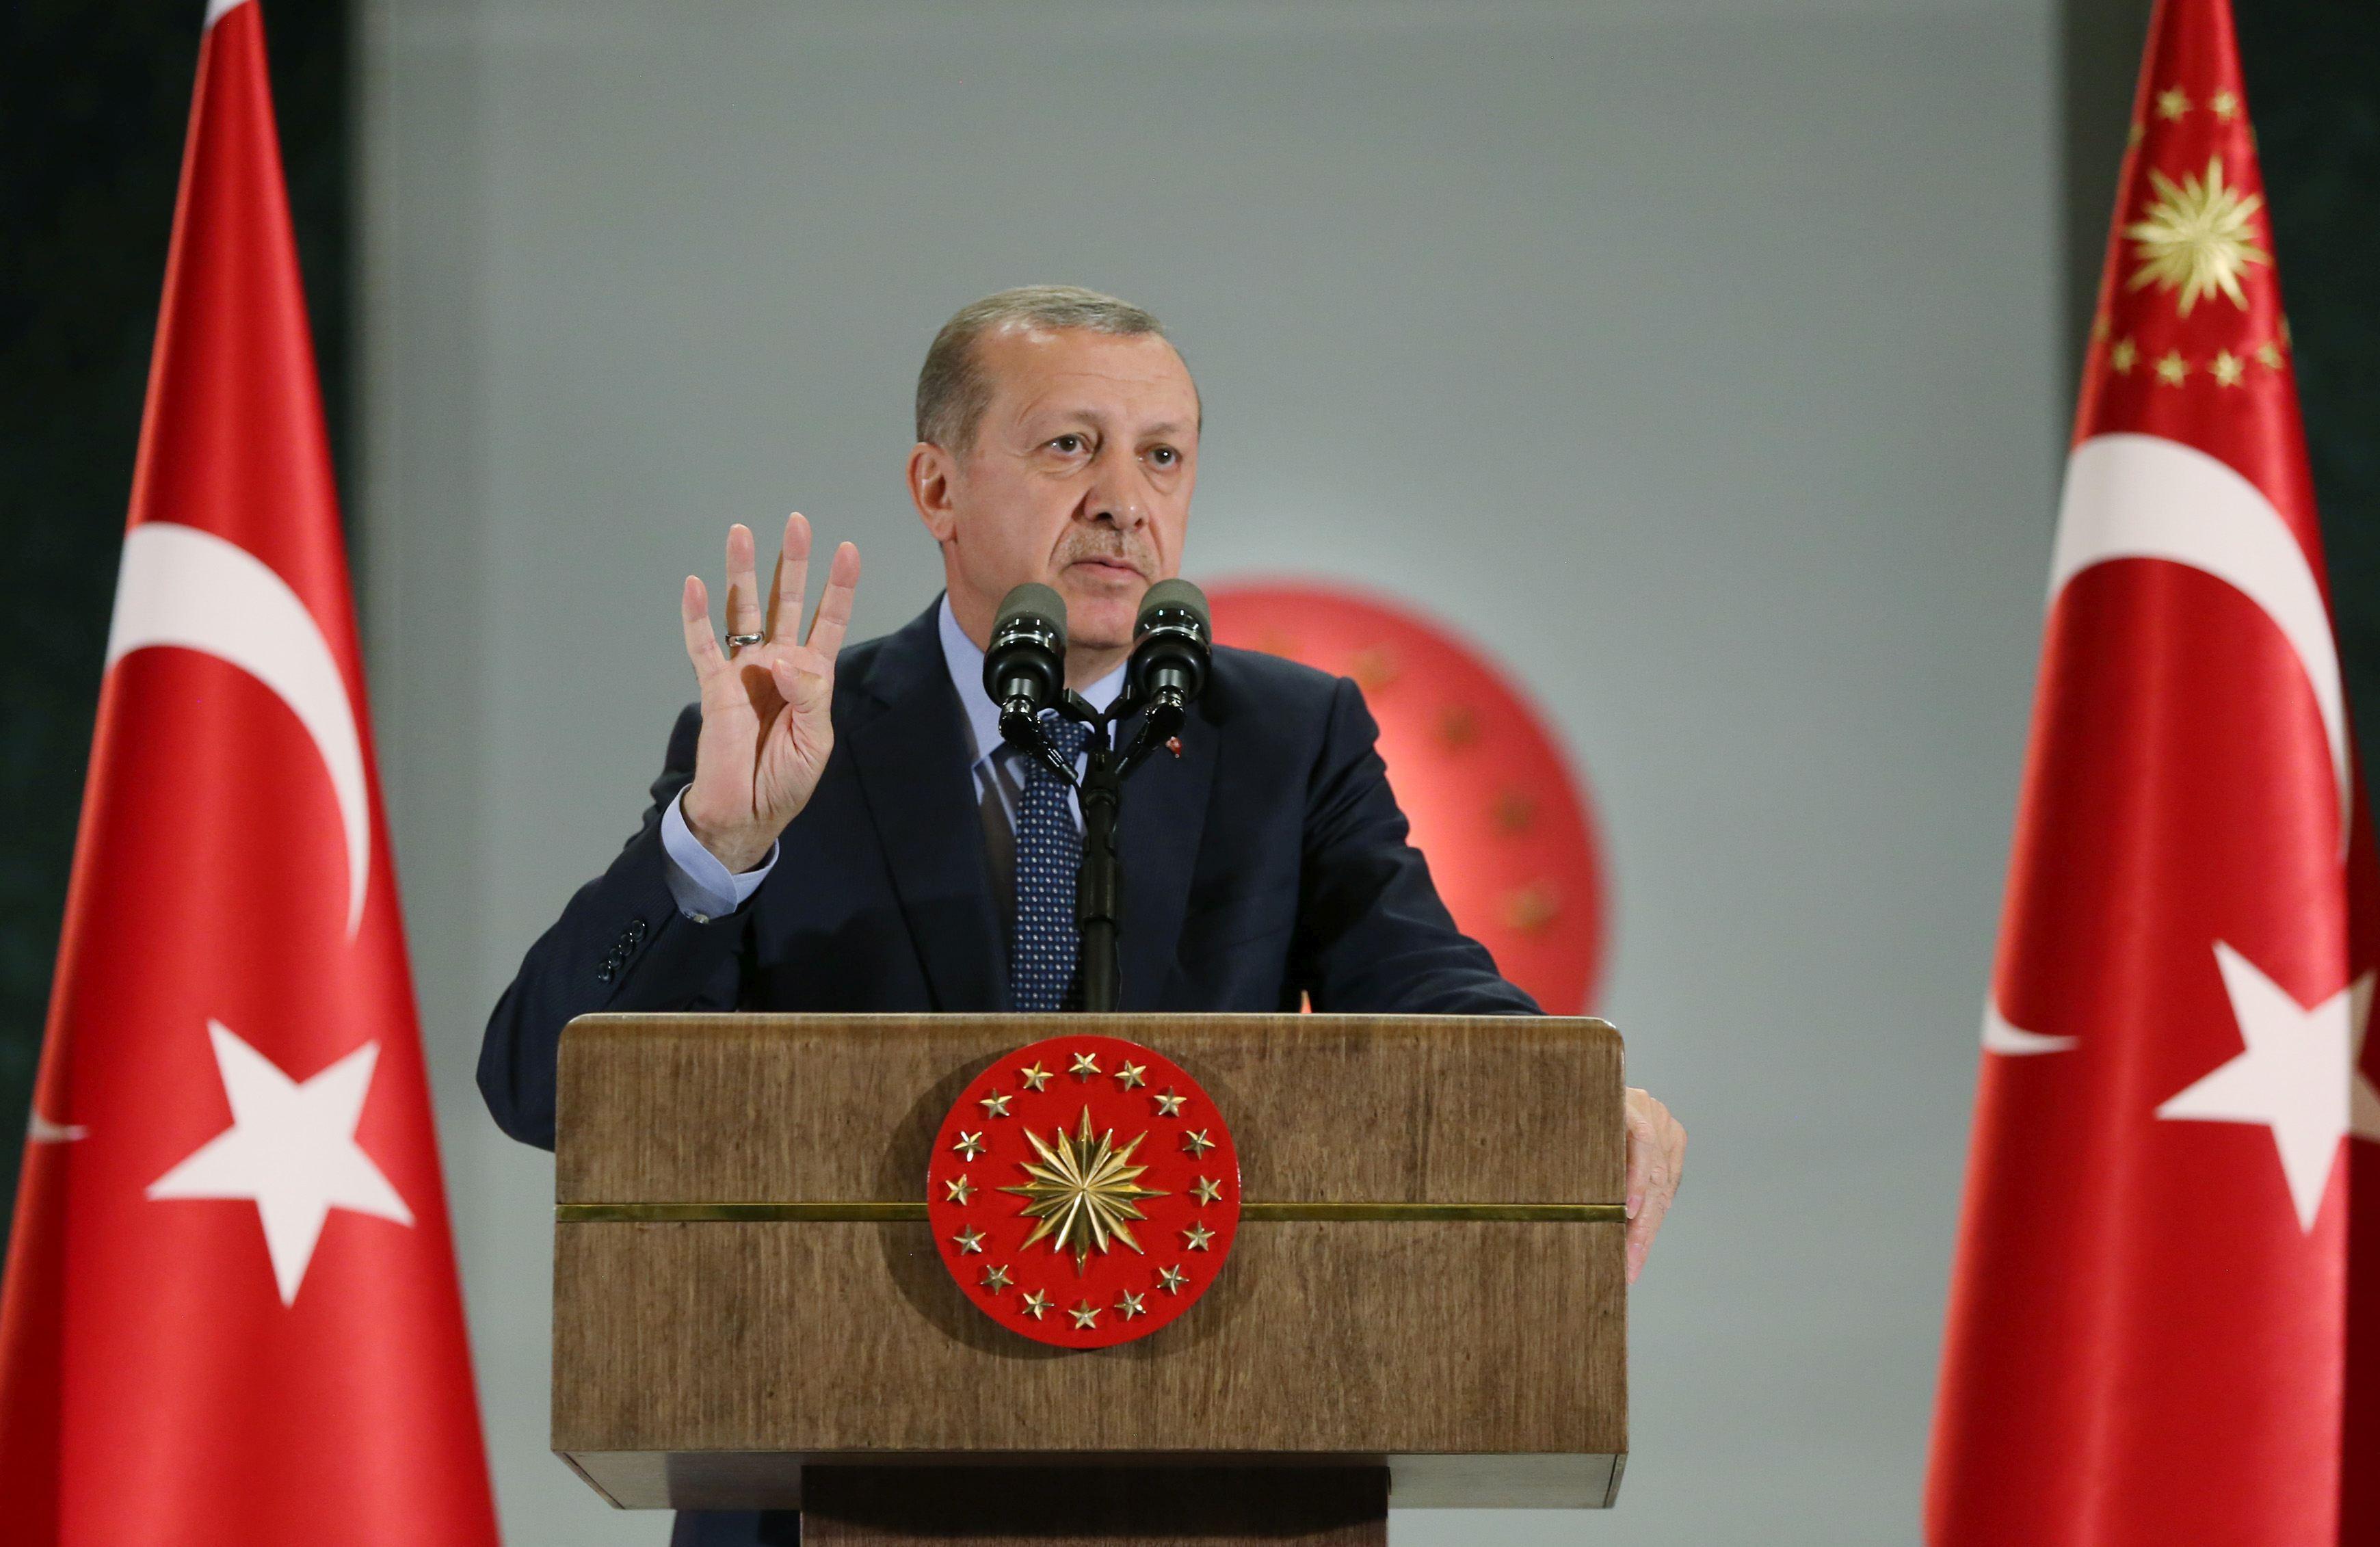 Turcia îşi retrage trupele de la un exerciţiu NATO din Norvegia, denunţând `un incident` / Erdogan: Au afişat un fel de listă a inamicilor care includea poza lui Ataturk şi numele meu. Acestea sunt ţintele